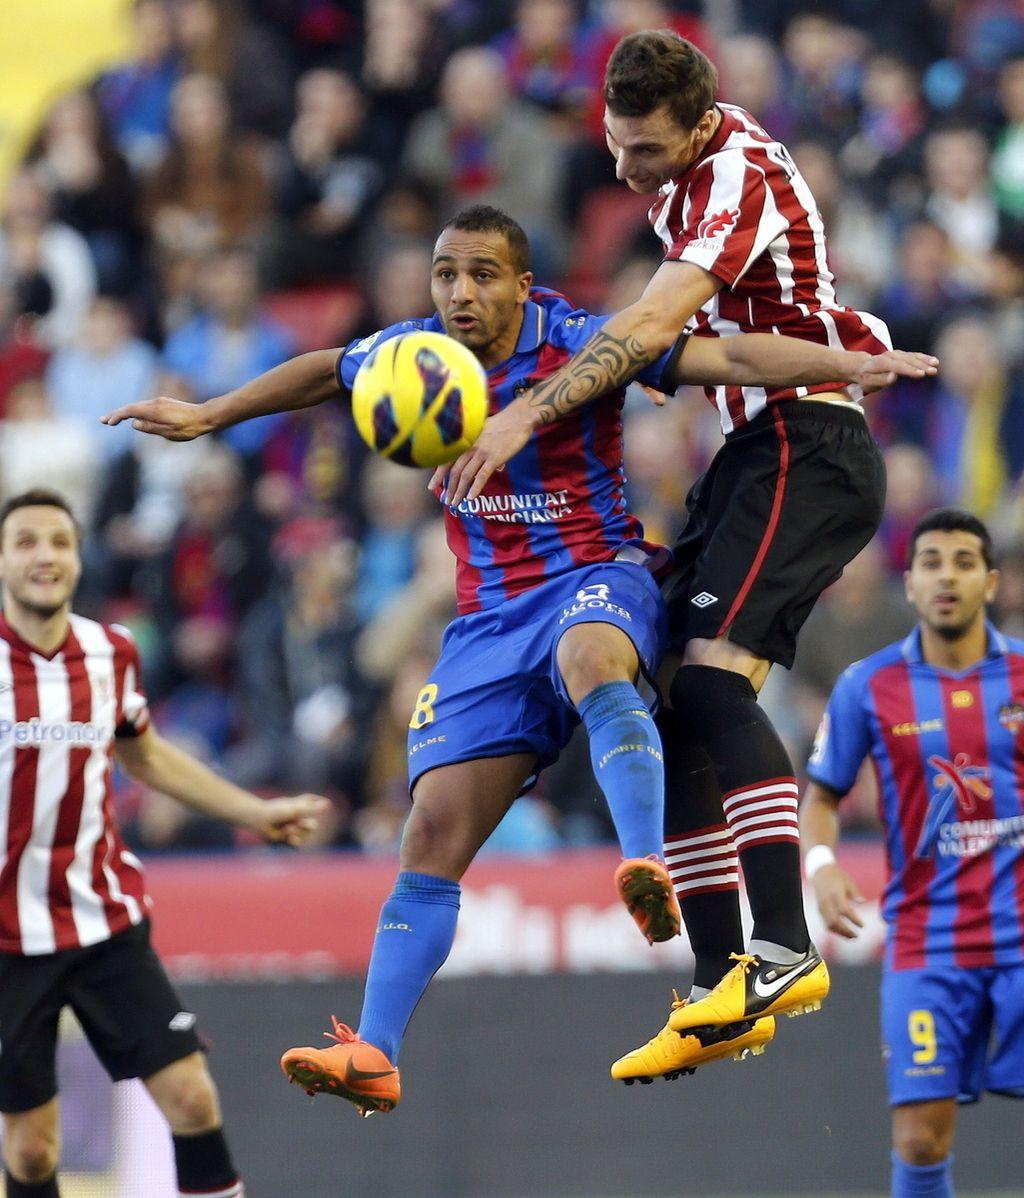 El Levante arrolla al Athletic Club en la Liga BBVA. Foto: EFE